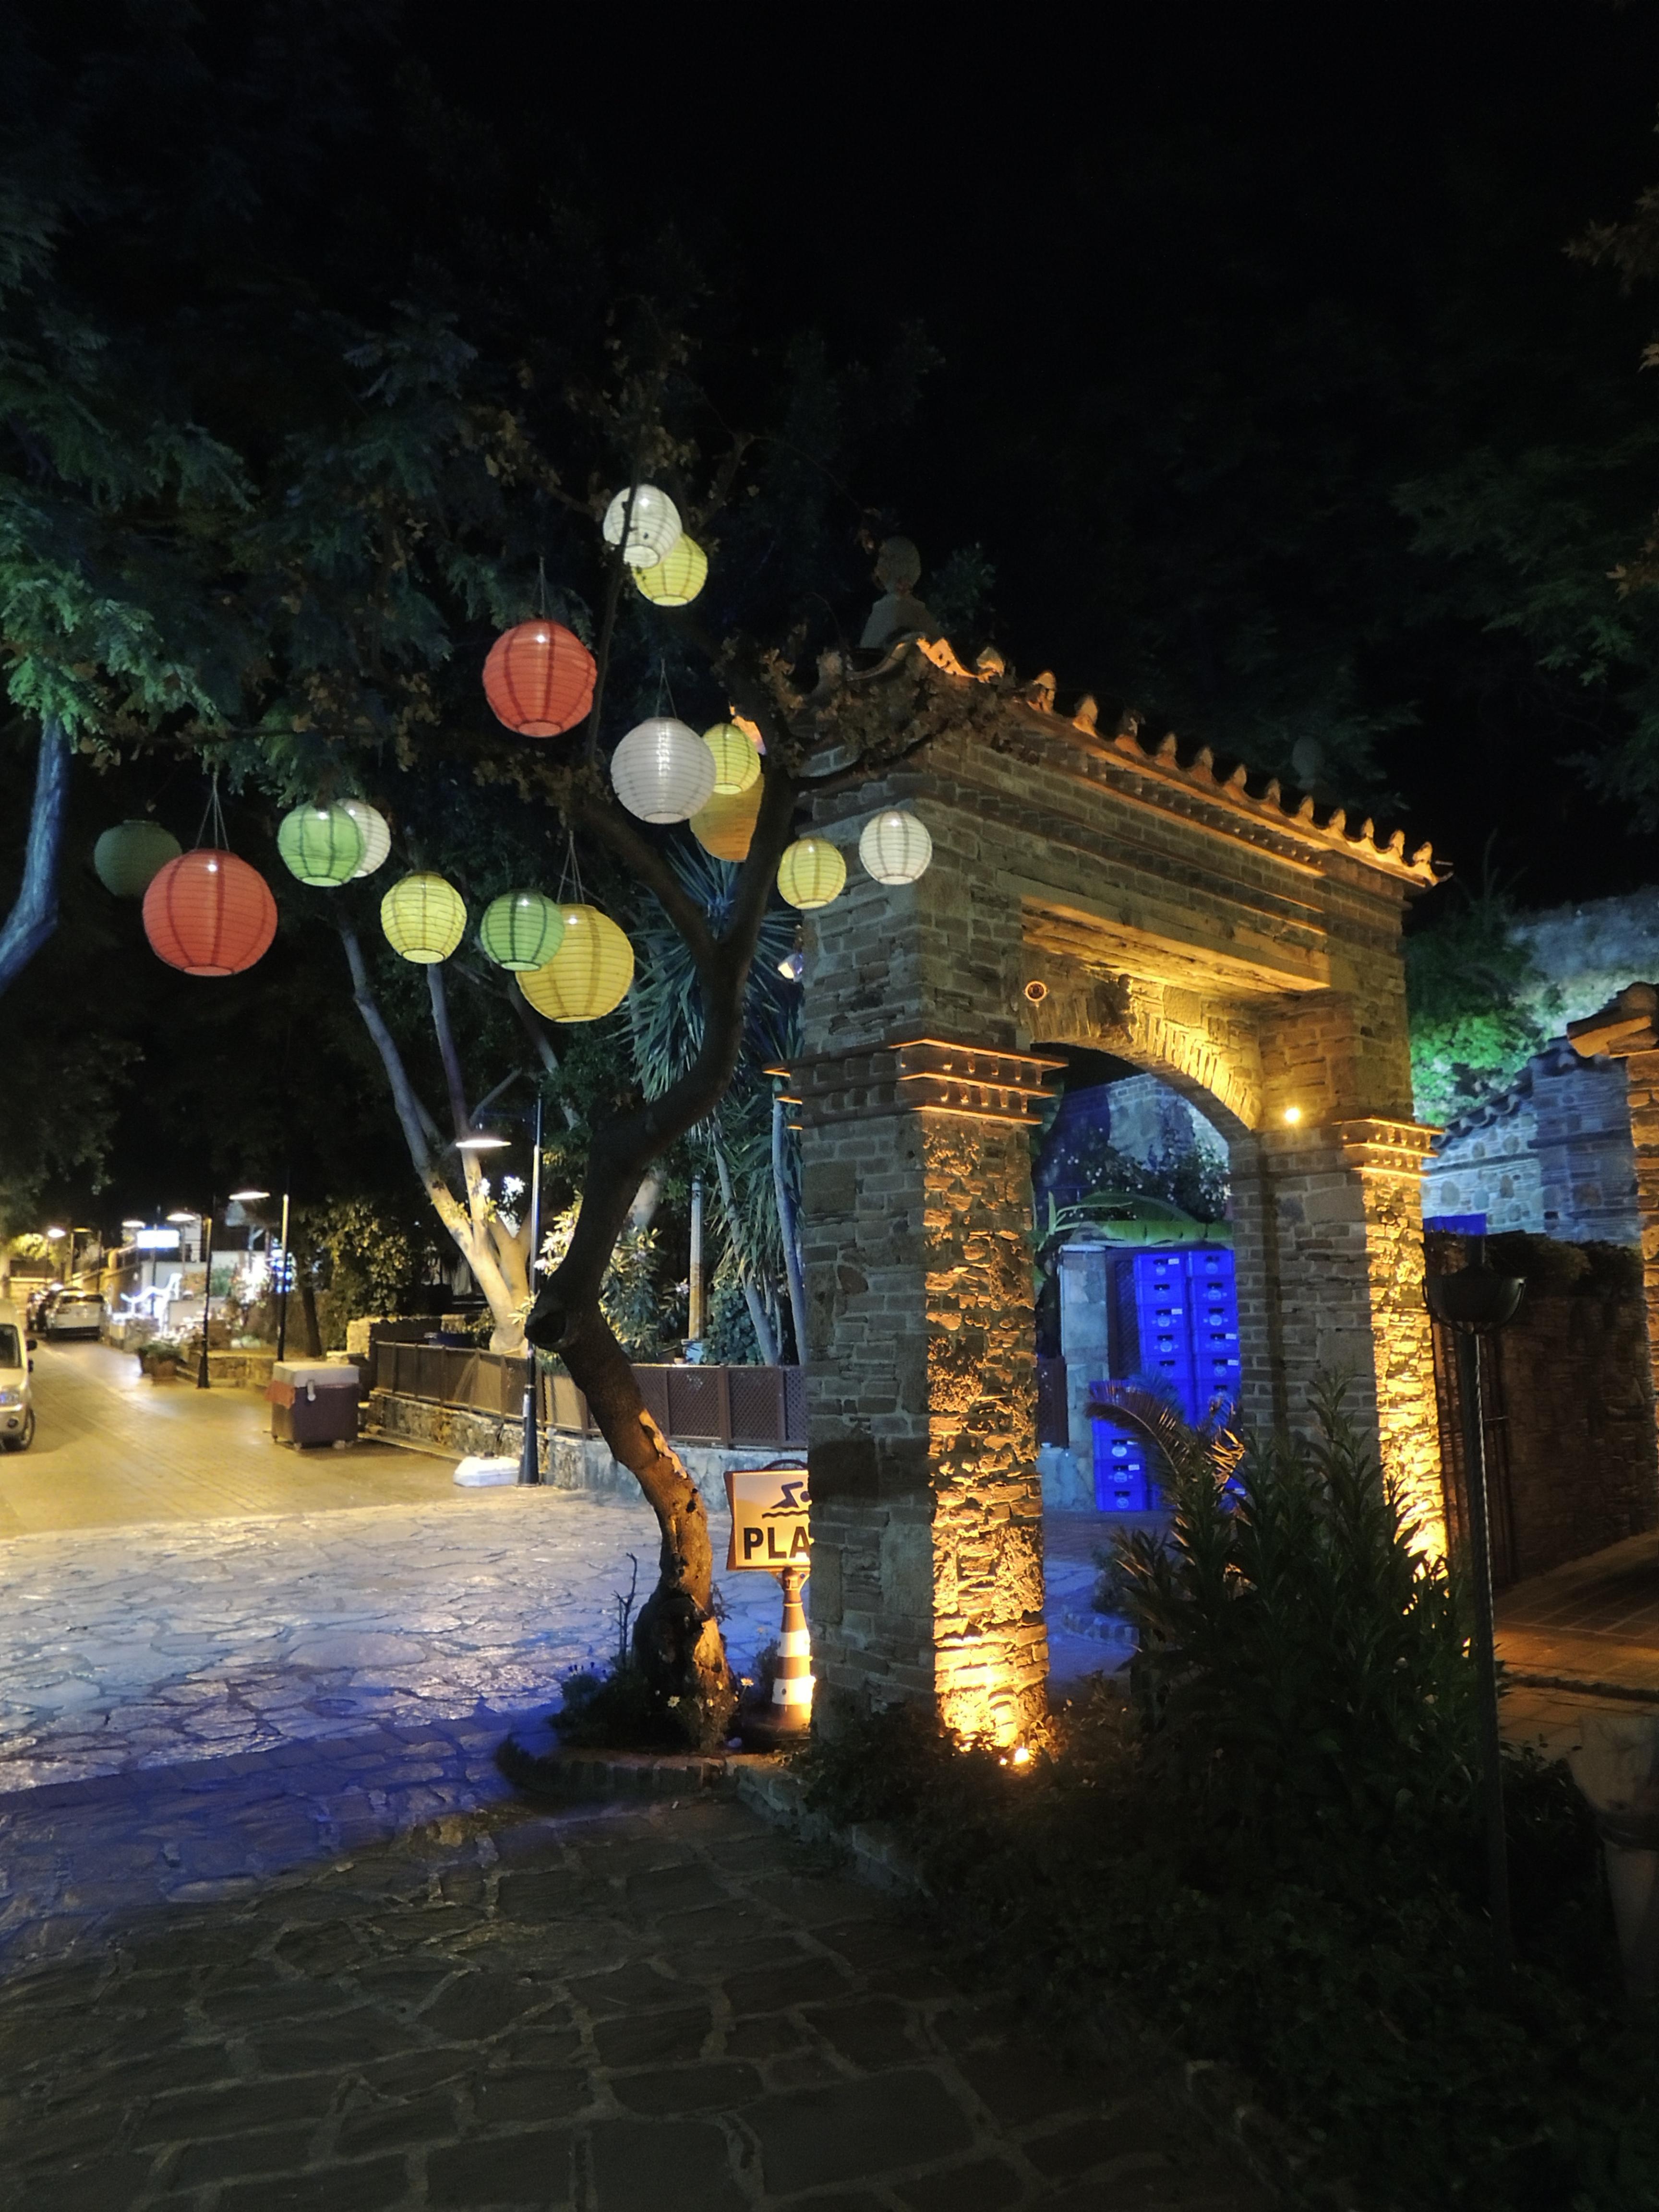 3 Antālijas restorāni un vecpilsēta naktī (foto)